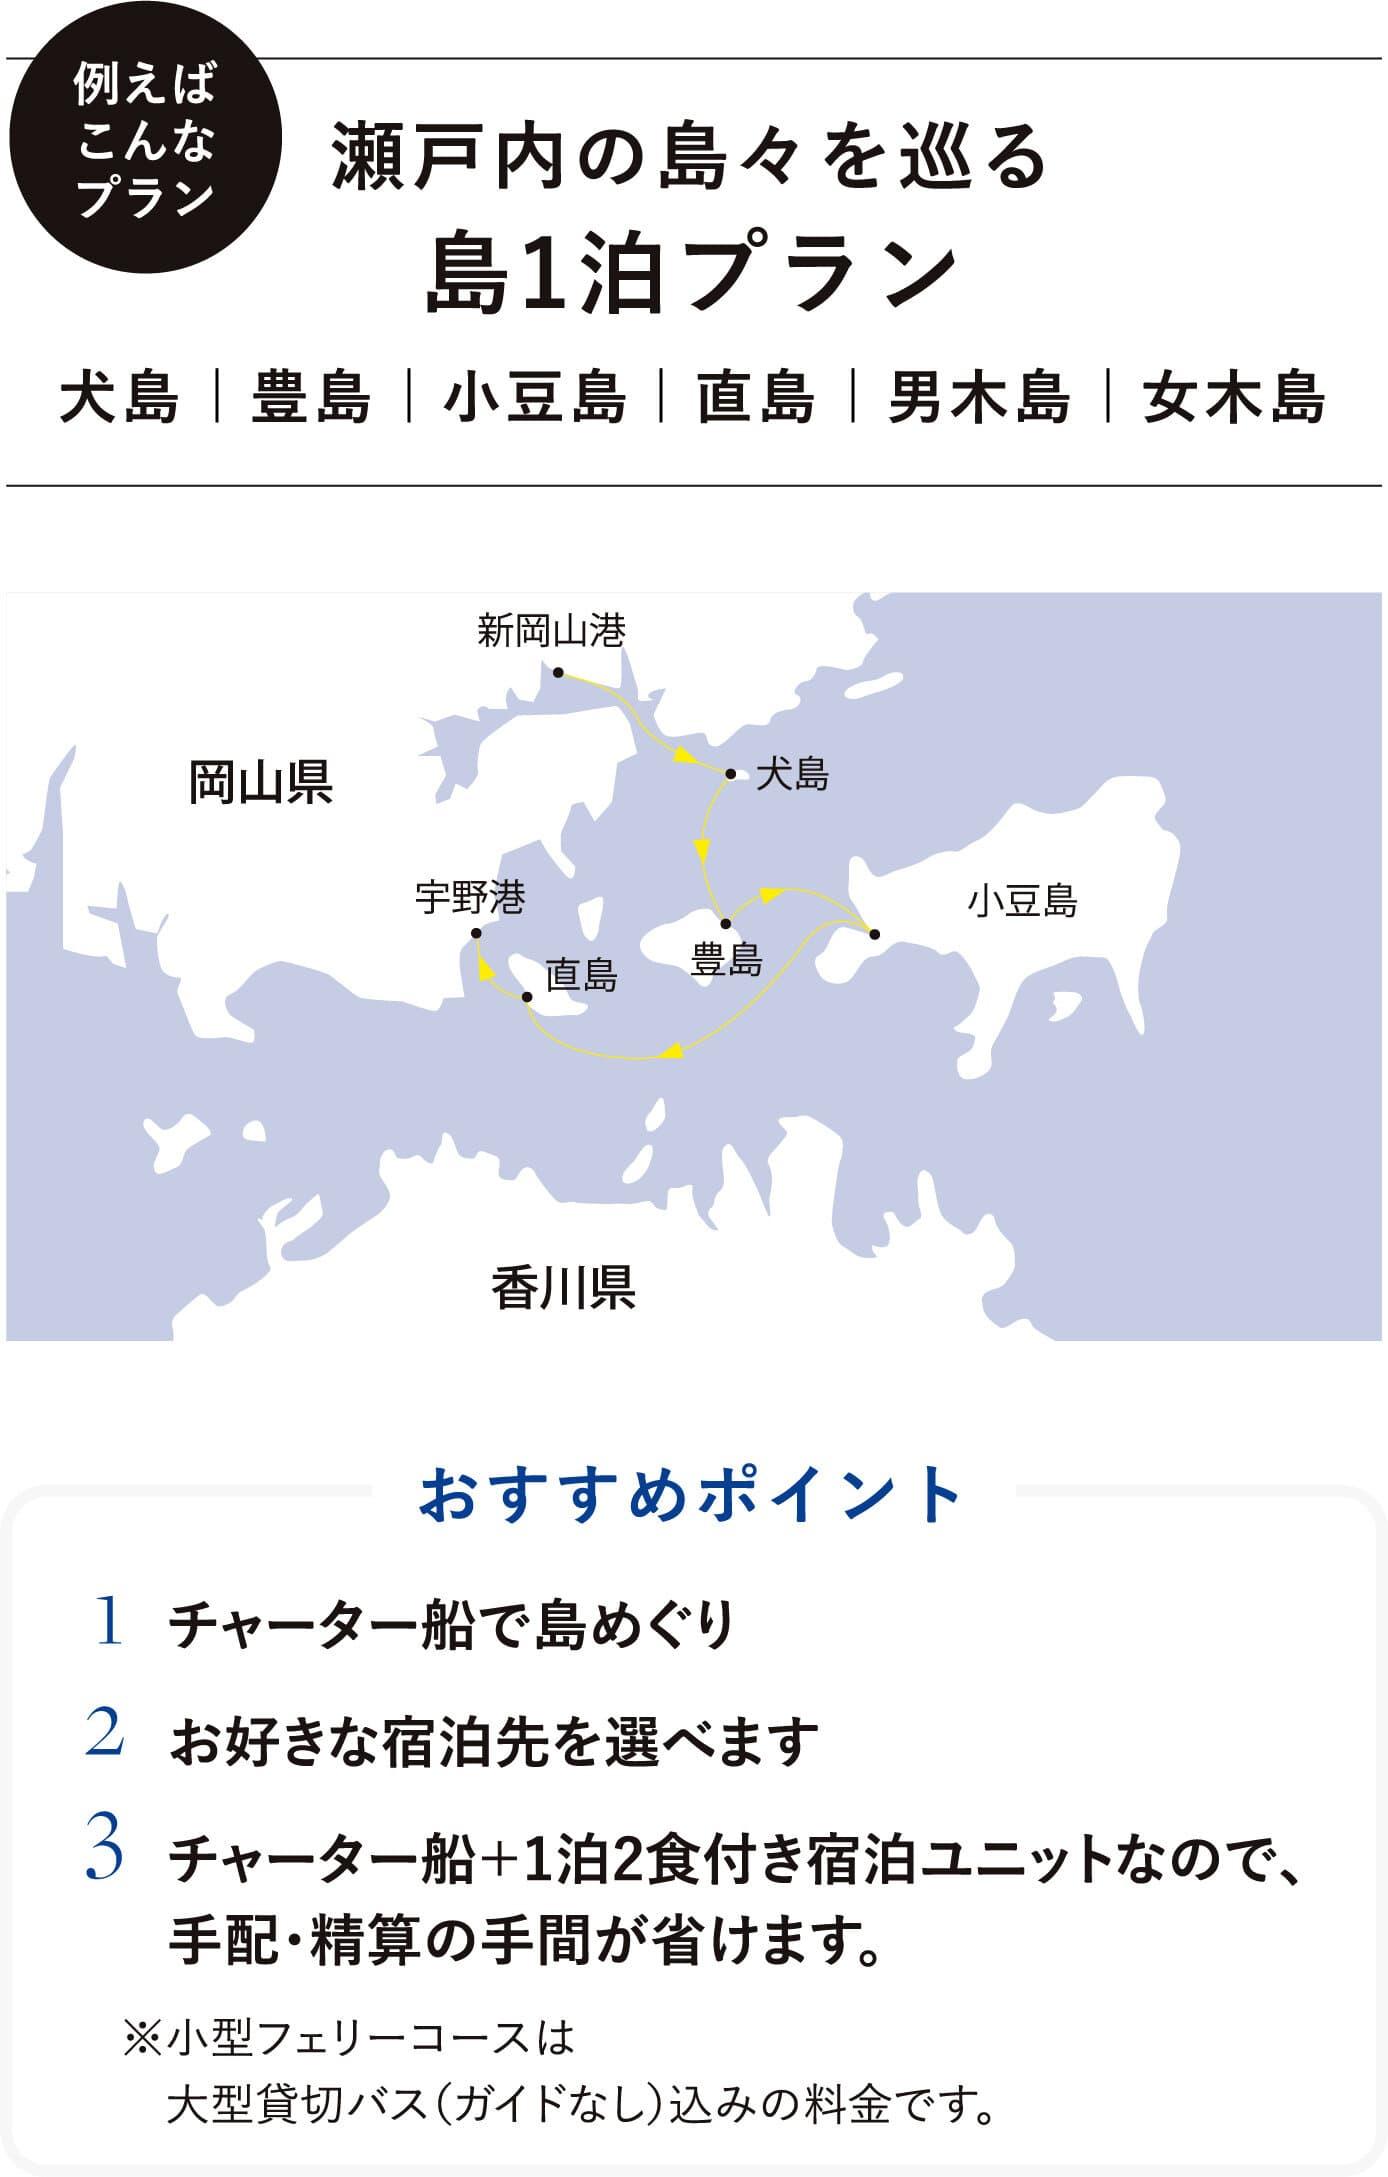 例えばこんなプラン 瀬戸内の島々を巡る 島1泊プラン 犬島,豊島,小豆島,直島,男木島,女木島 おすすめポイント 1チャーター船で島めぐり,2お好きな宿泊先を選べます,3チャーター船+1泊2食付き 宿泊ユニットなので、手配・精算の手間が省けます。※小型フェリーコースは大型貸切バス(ガイドなし)込みの料金です。